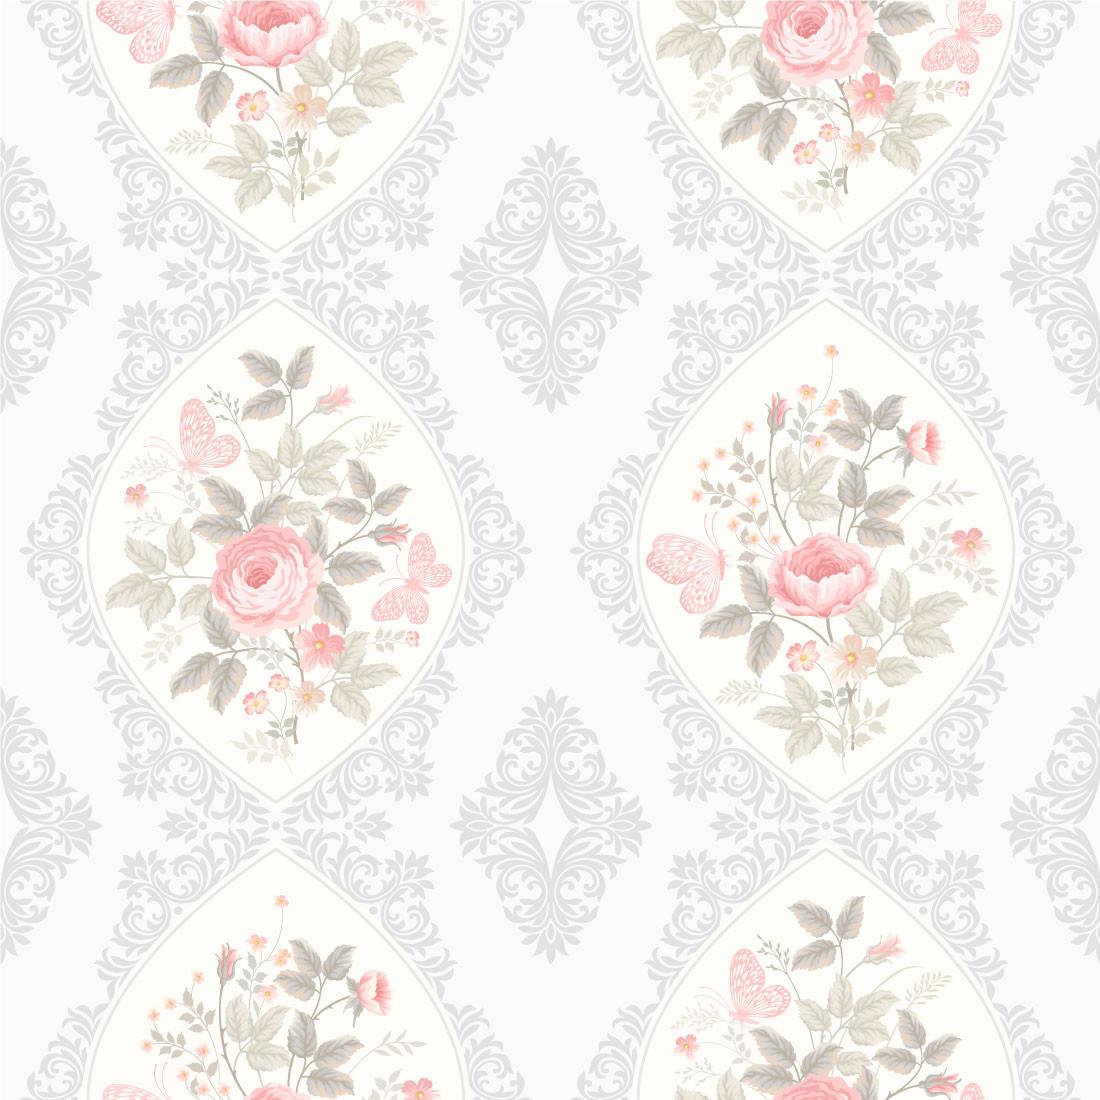 Papel de Parede Floral Rosas Detalhes Arabescos